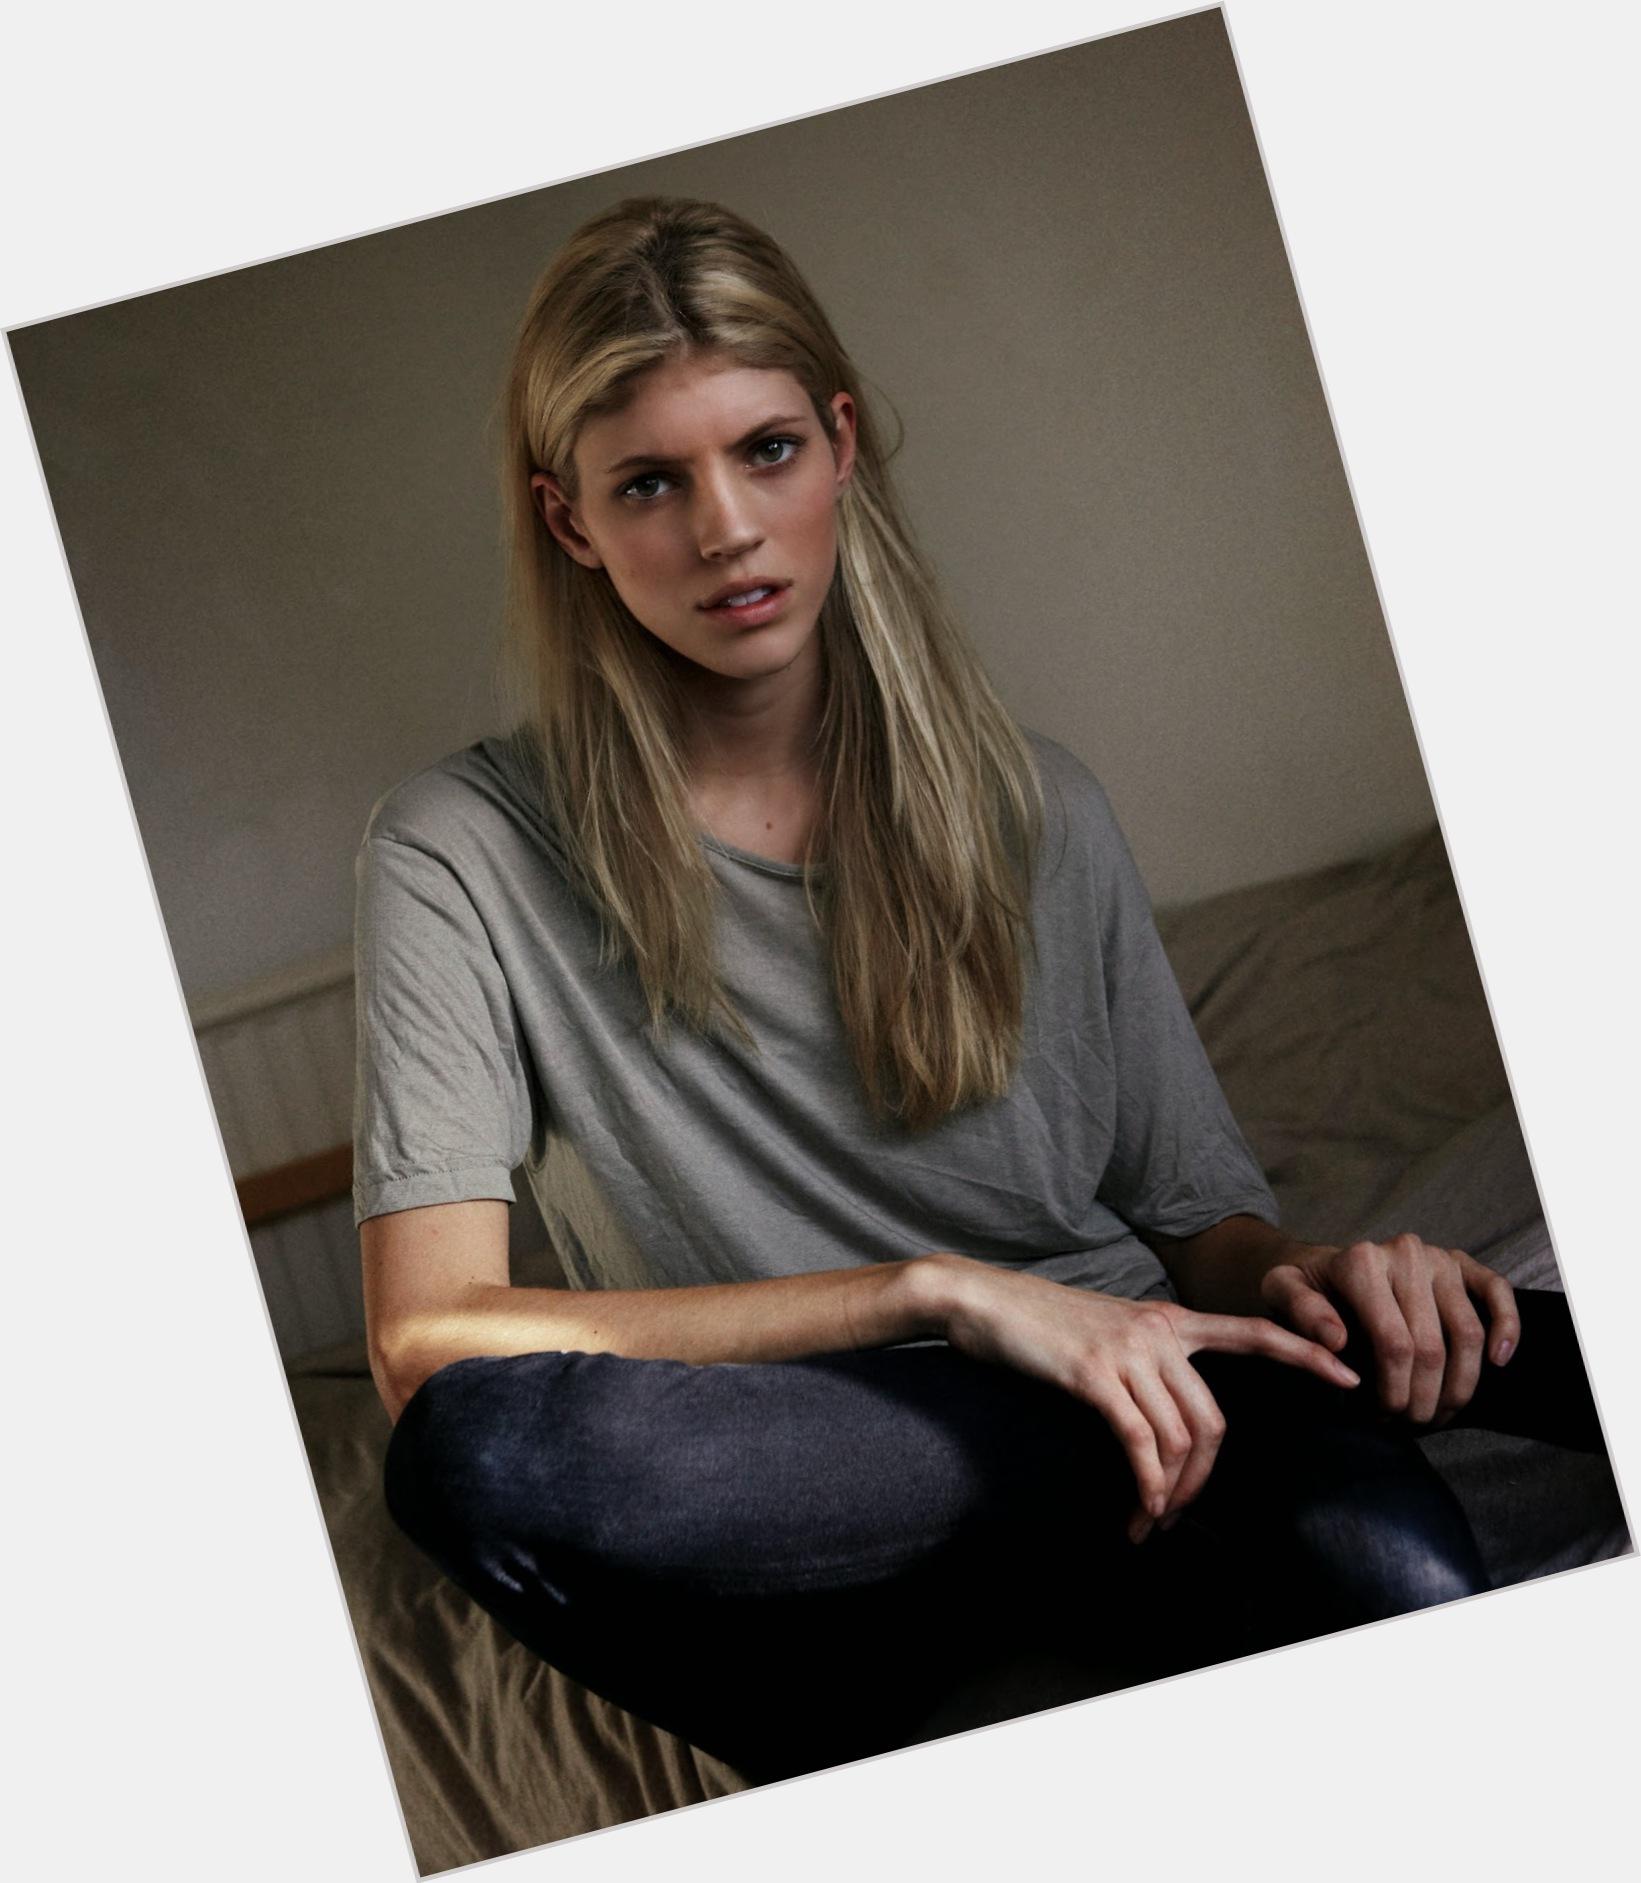 """<a href=""""/hot-women/devon-windsor/where-dating-news-photos"""">Devon Windsor</a> Slim body,  blonde hair & hairstyles"""